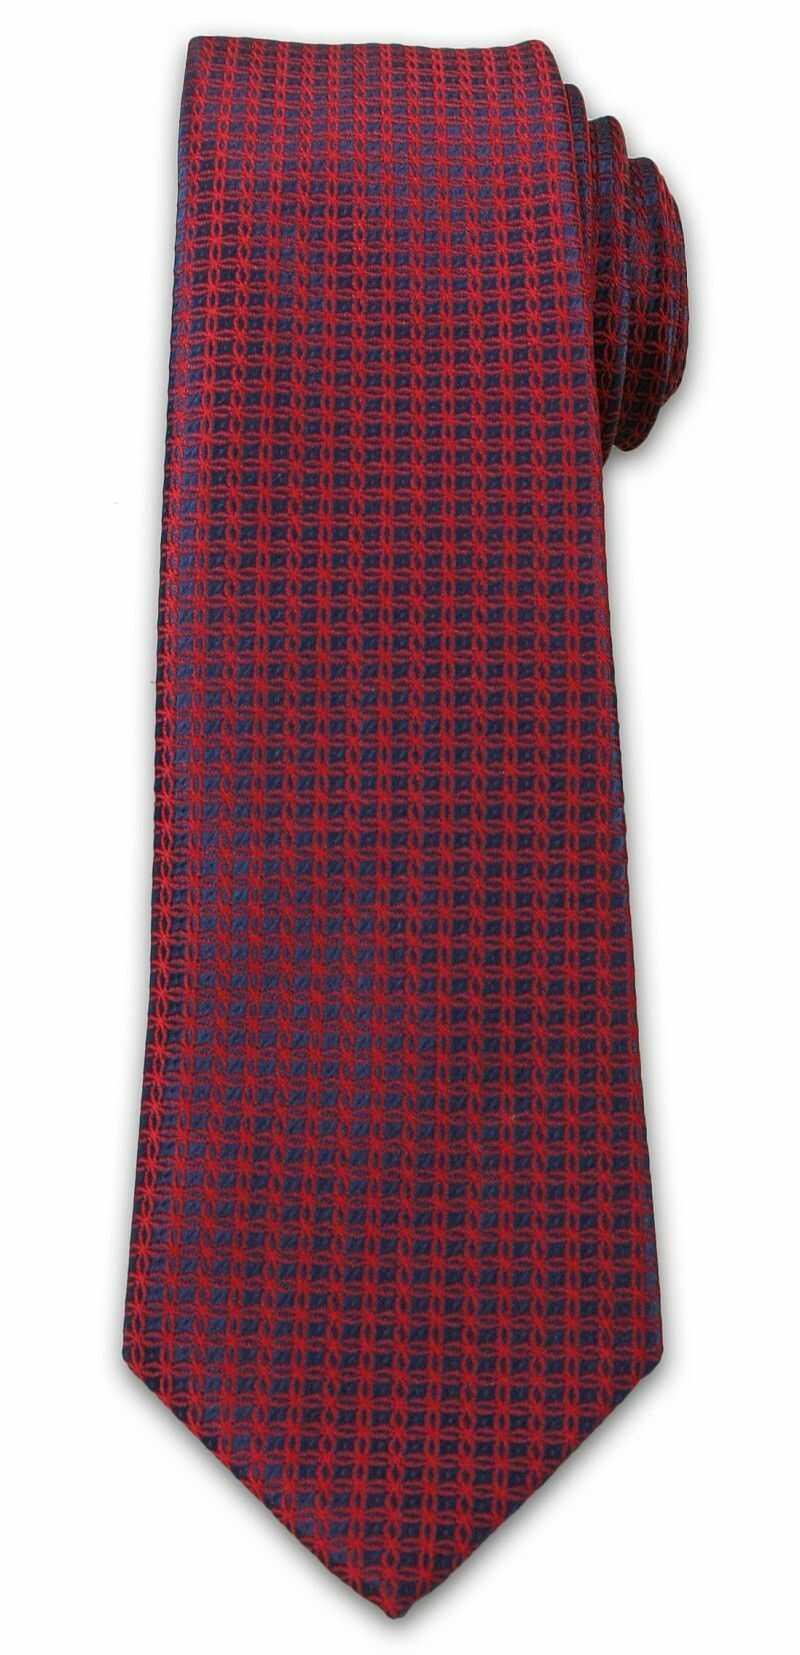 Wyrazisty Krawat Męski- Chattier- 6,7 cm - Oryginalny Wzór, Czerwono-Granatowy KRCH1006